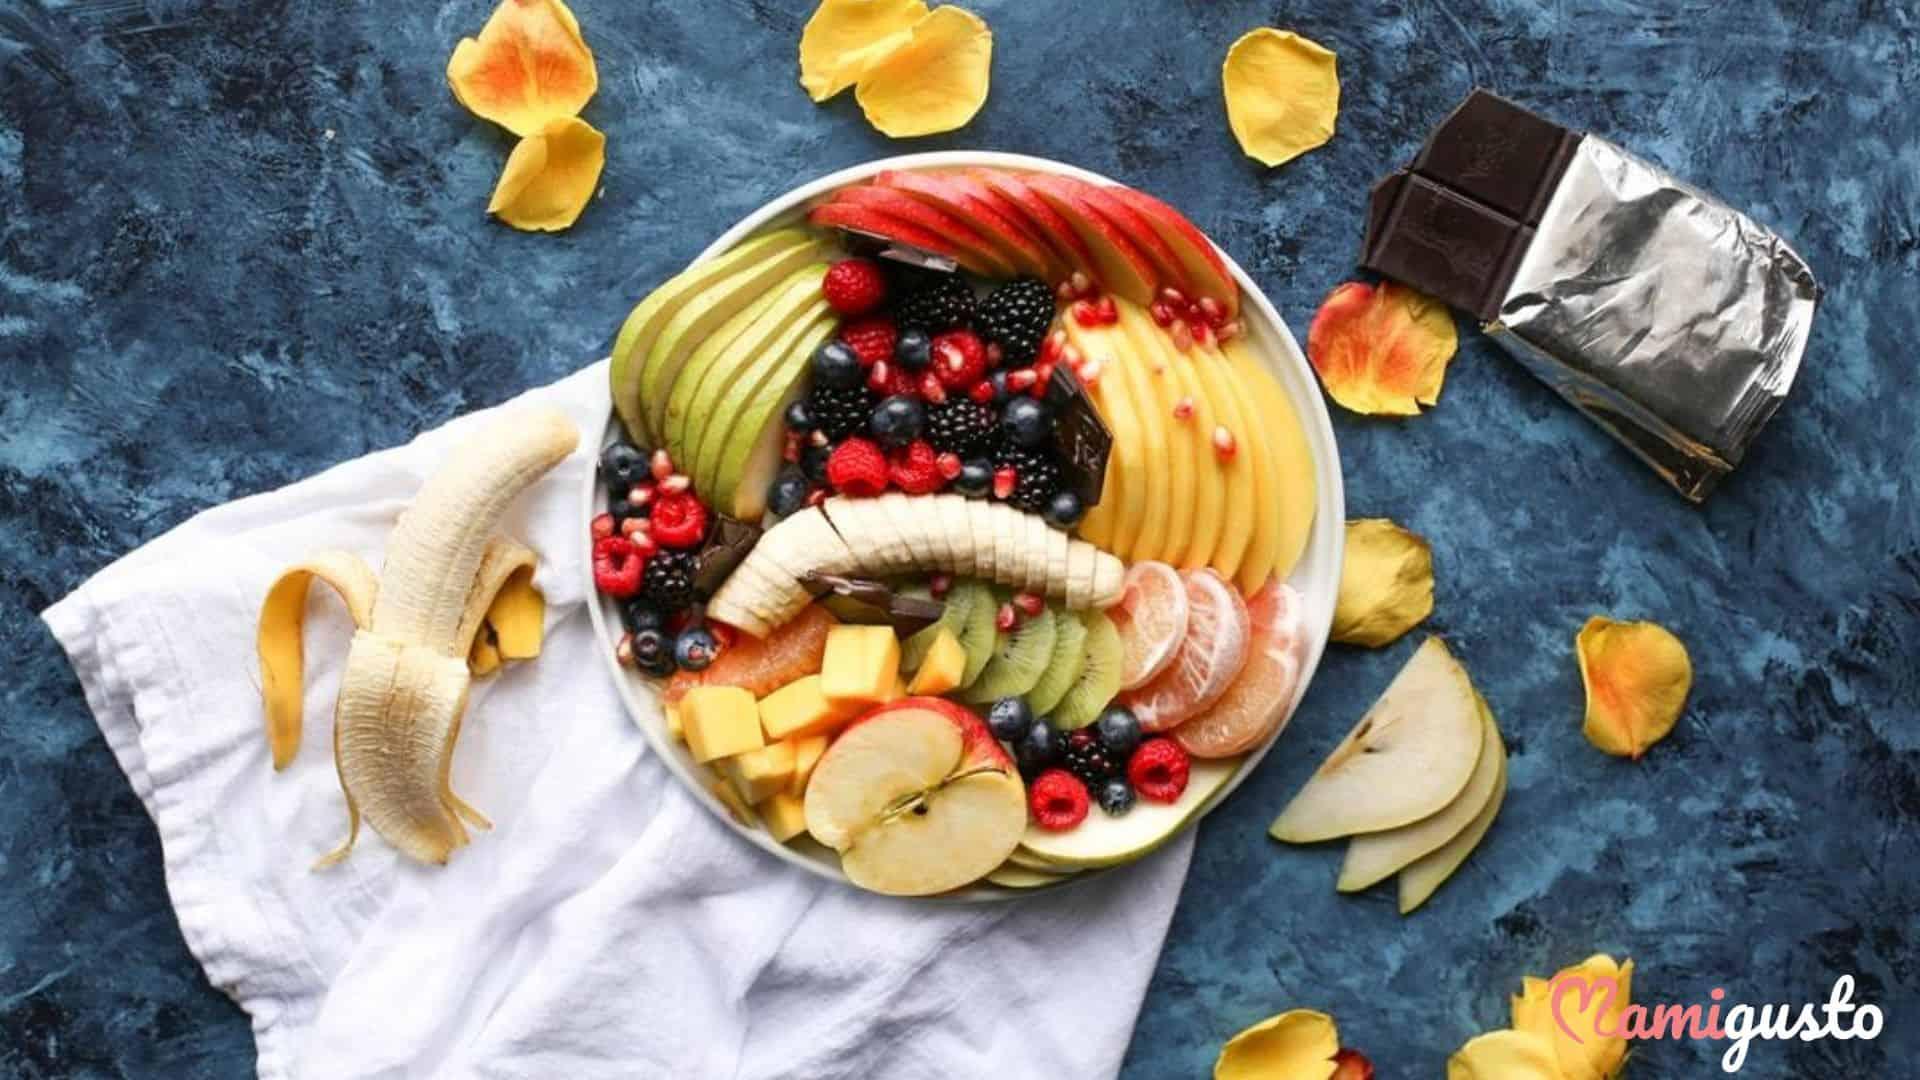 ιδεες για ευκολα υγιεινα σνακ για σωστη διατροφη